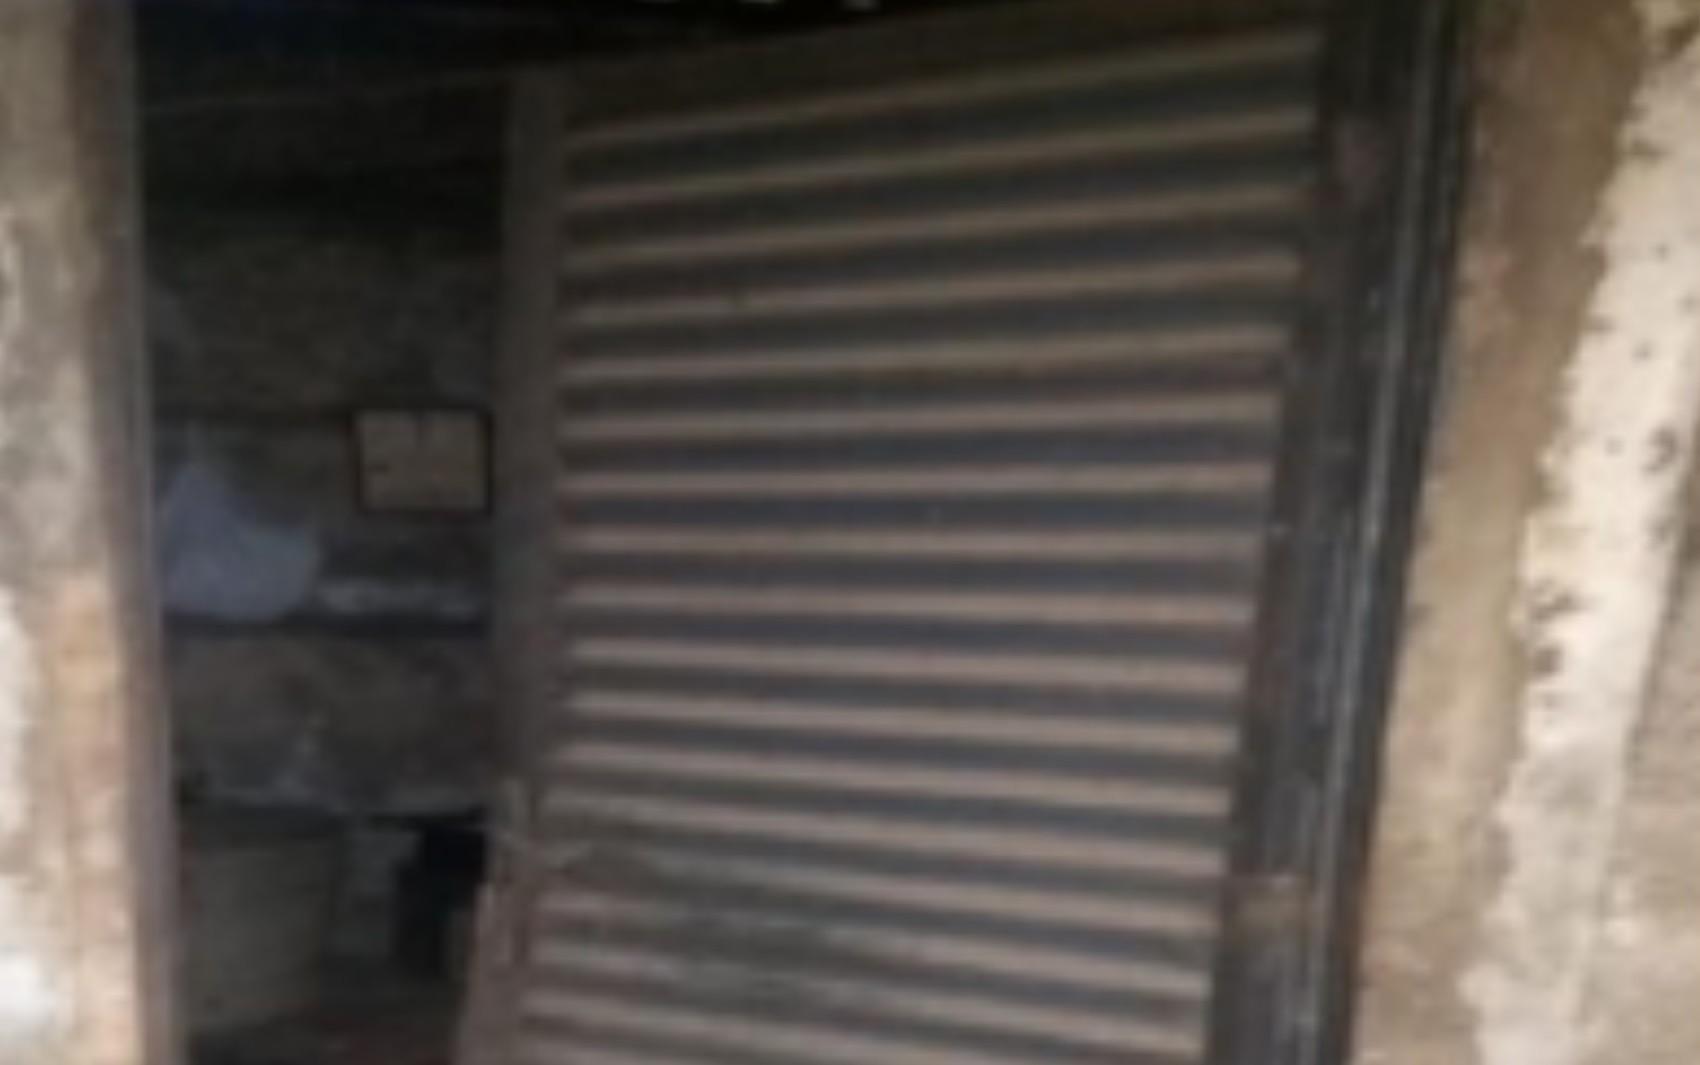 Suspeito confessa ter matado idoso com machado após ele pegar água na casa de 'compadre' sem permissão, diz polícia